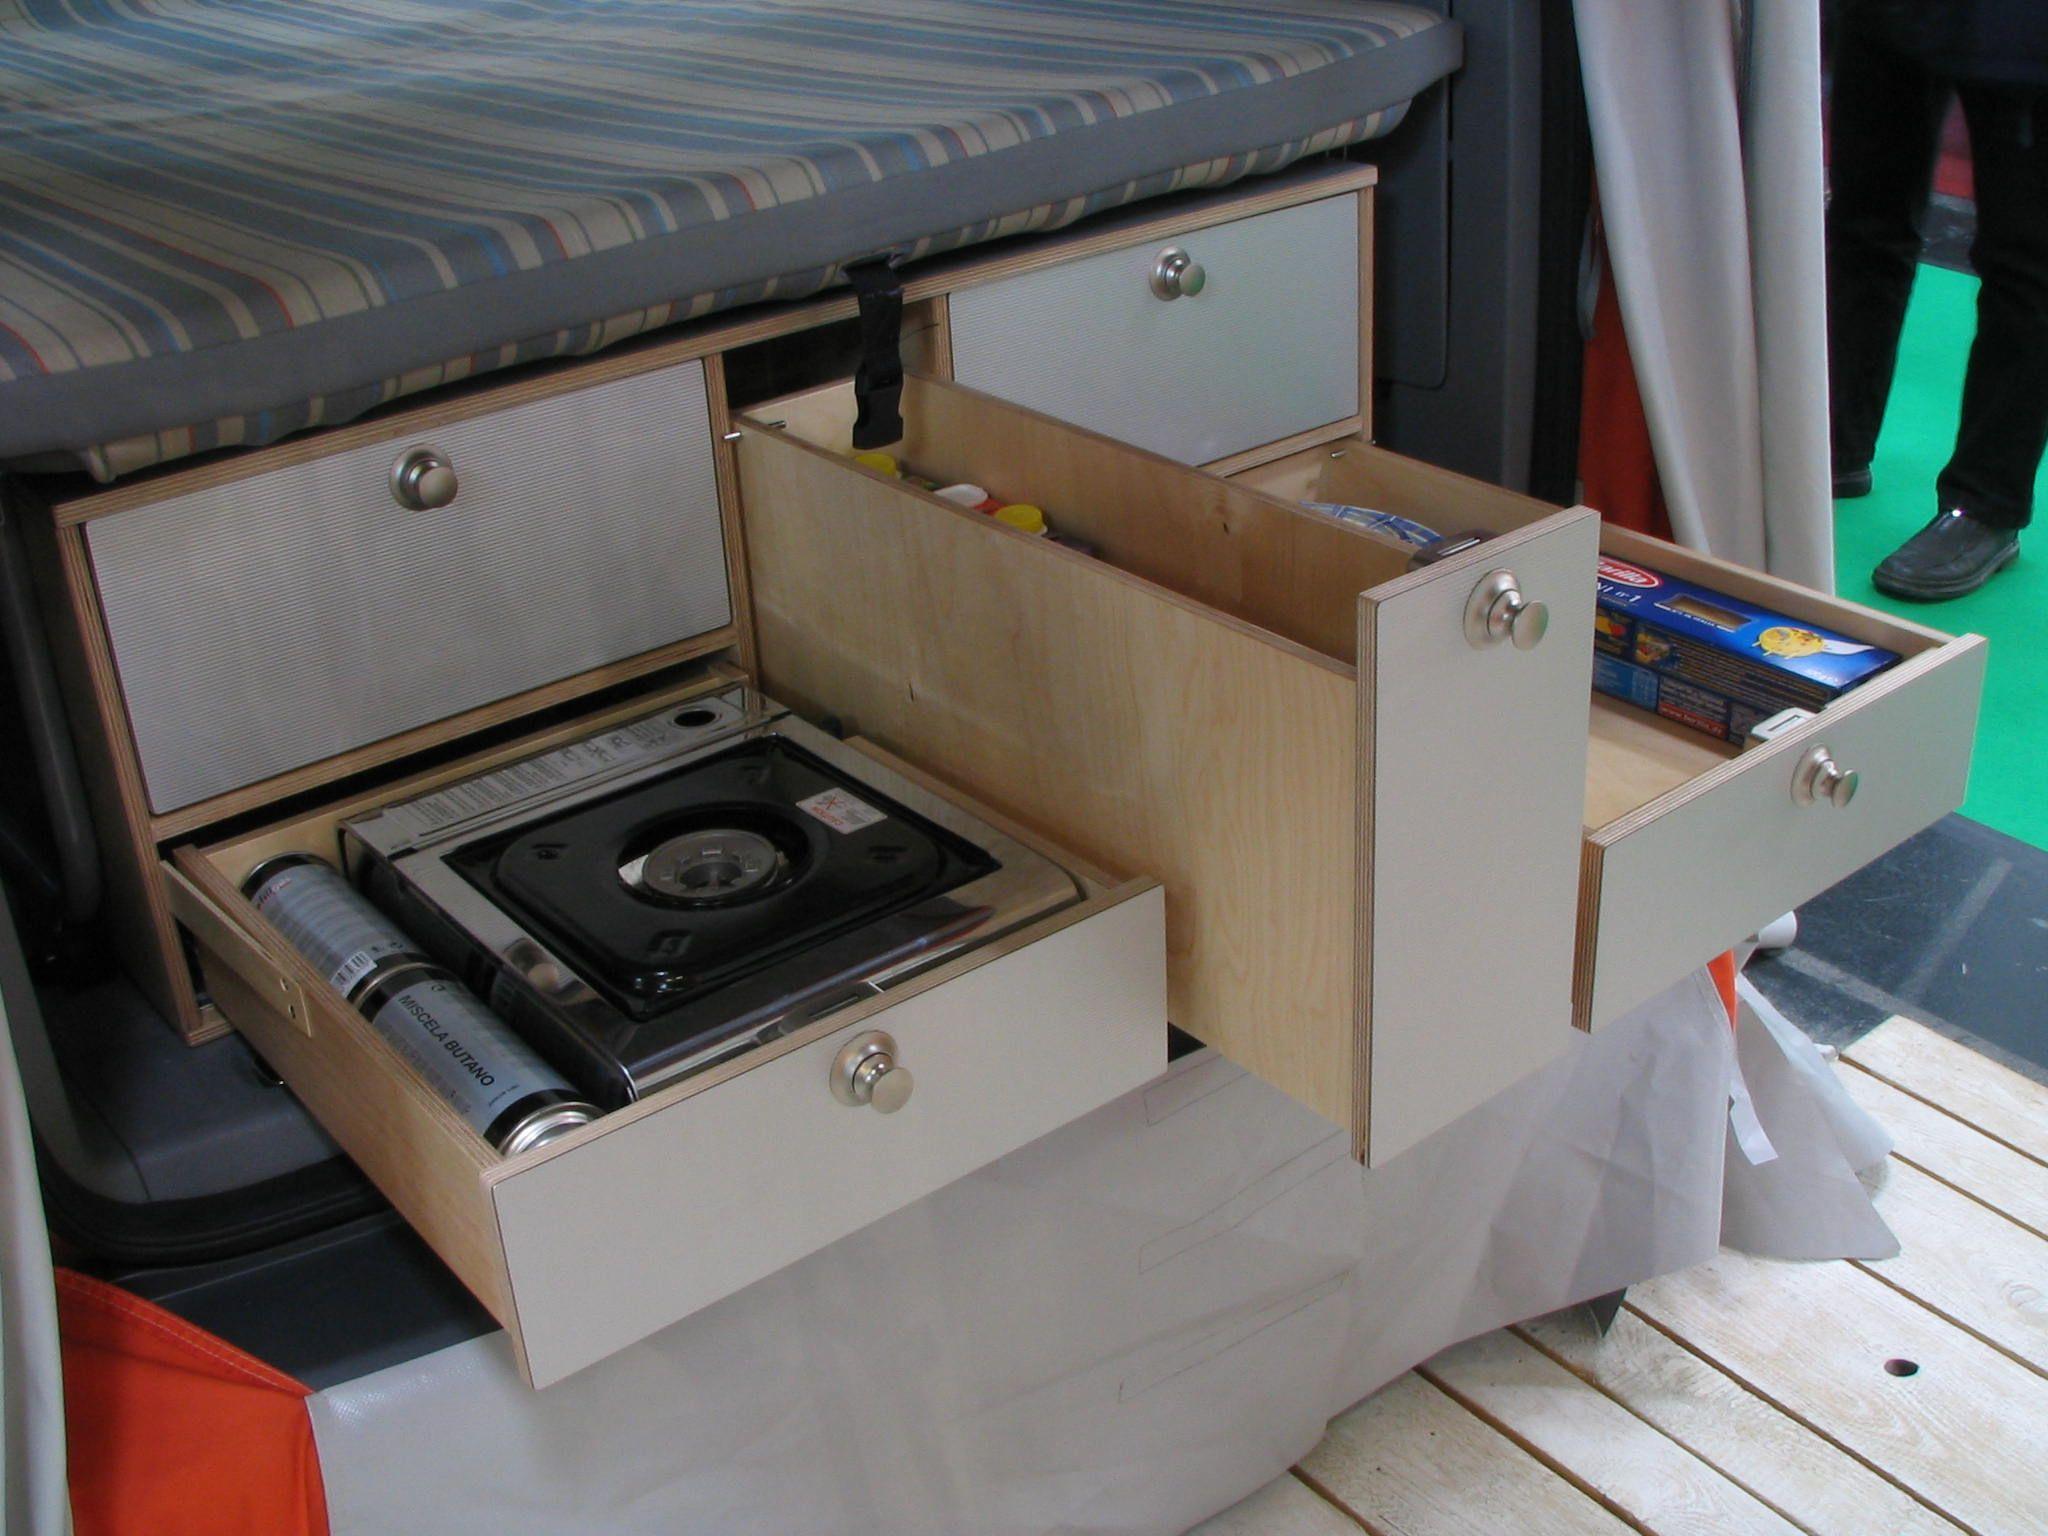 vanessa k che caddy vanessa k che. Black Bedroom Furniture Sets. Home Design Ideas